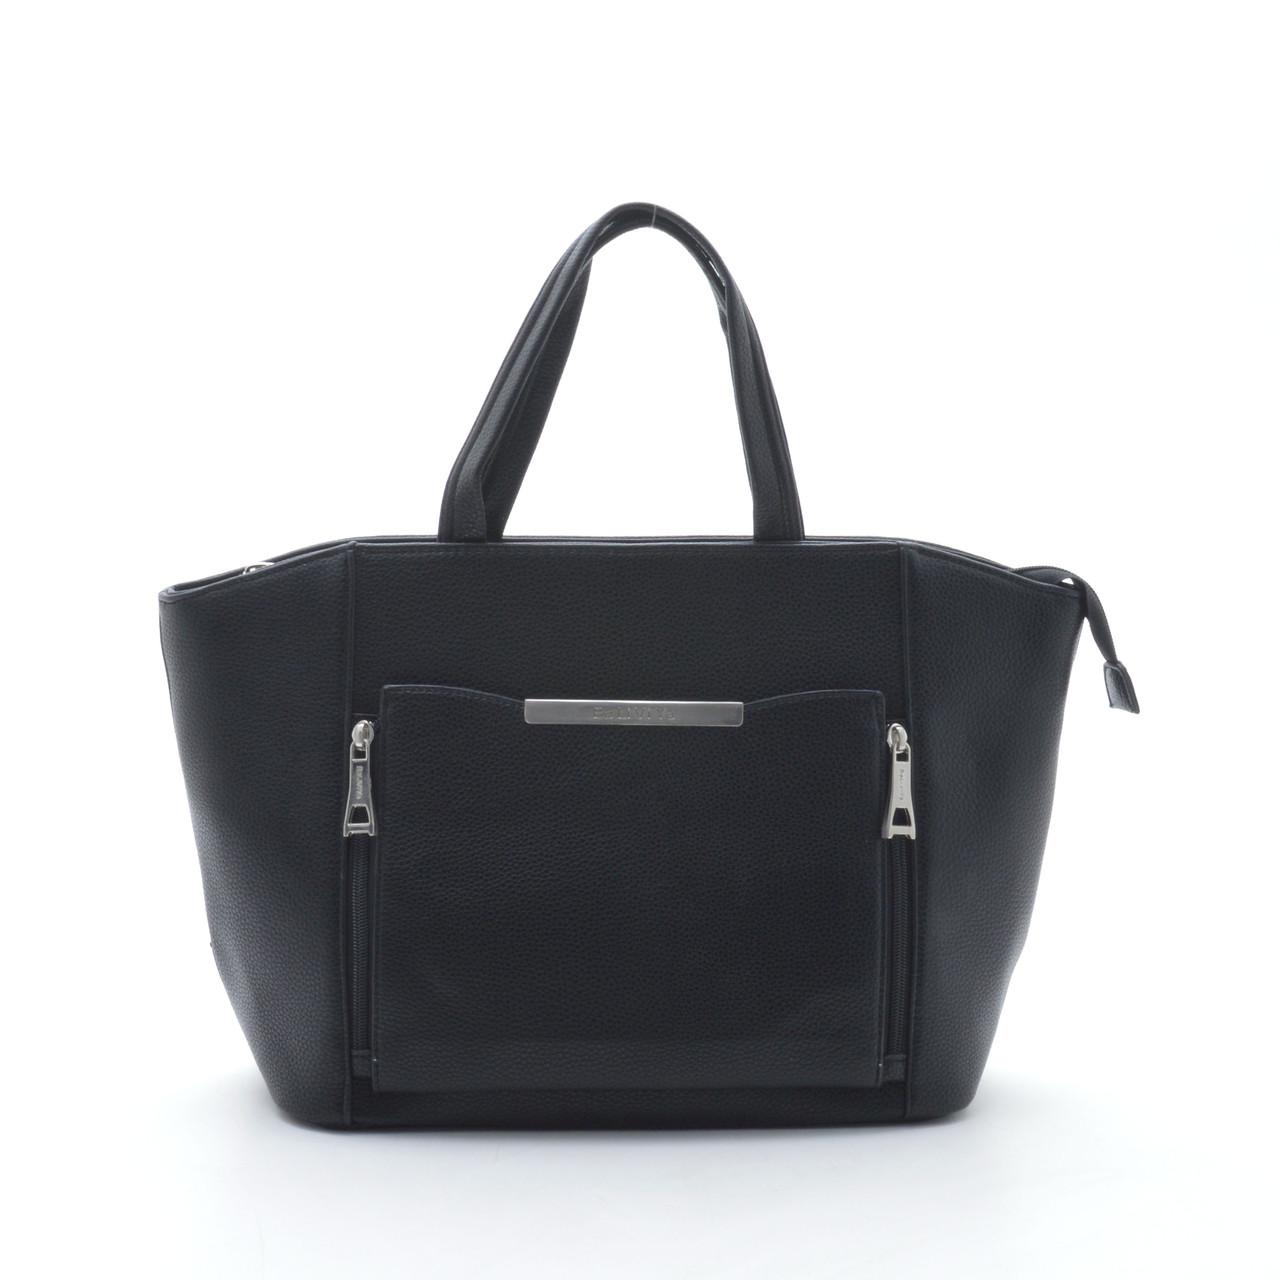 8851f84d42b3 Сумка женская Baliviya черная - Kit Bag - женские сумки, кошельки и клатчи  в Киеве